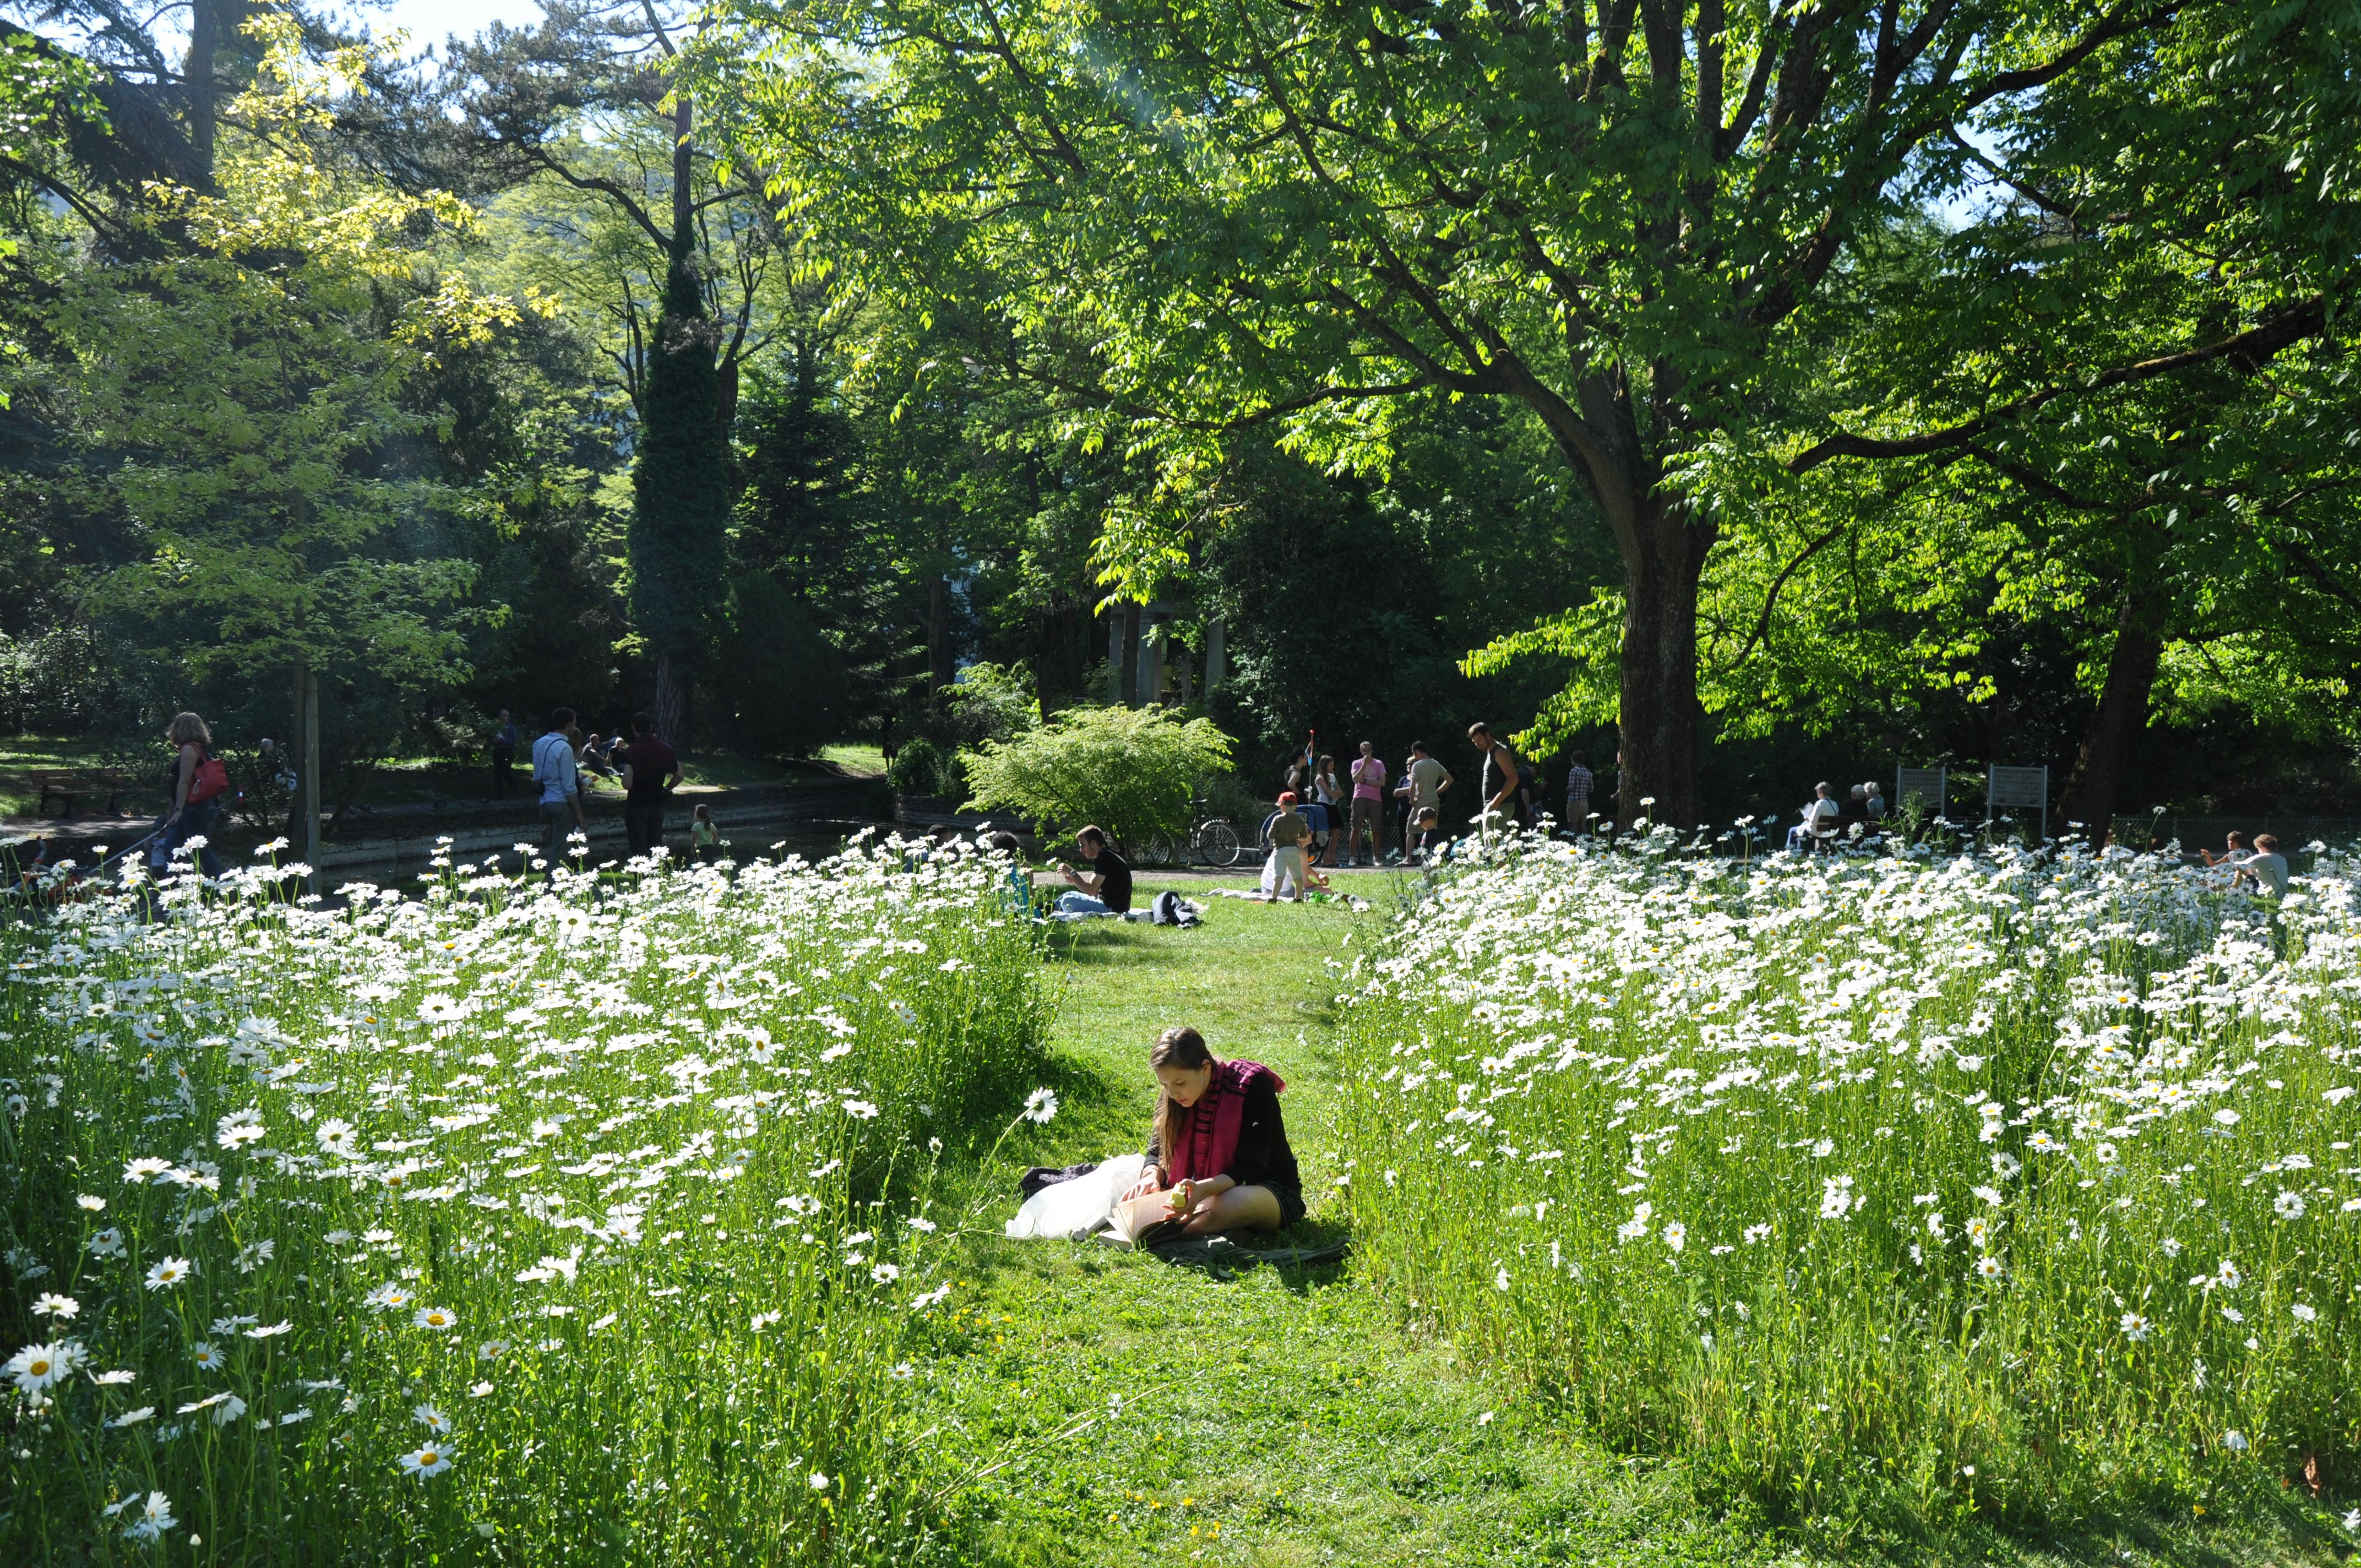 Jardin Des Sciences Jardin Botanique A Dijon Tourisme Dijon Metropole